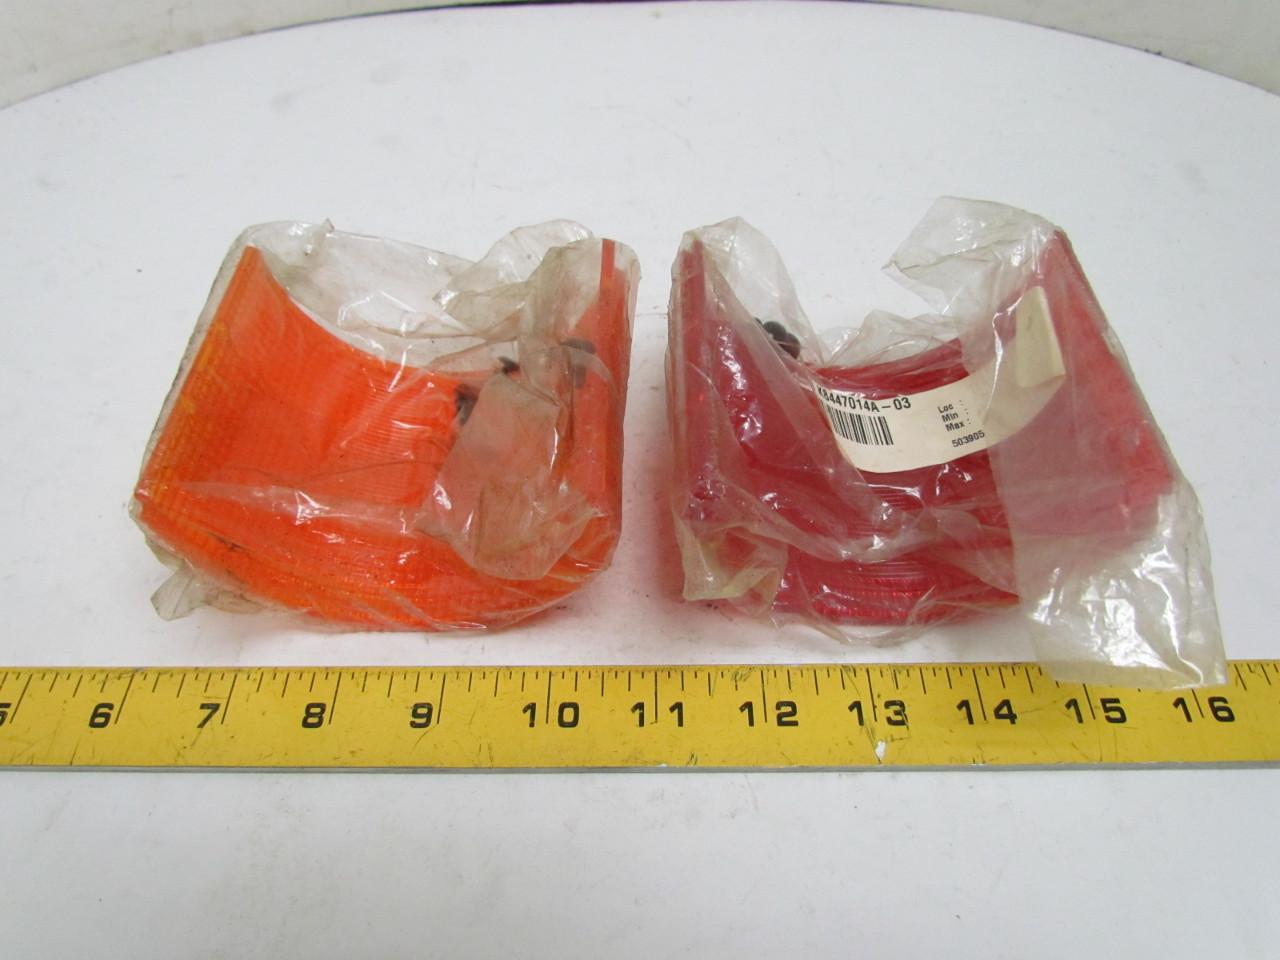 federal signal k8447014a 02 litestak lens kit amber red. Black Bedroom Furniture Sets. Home Design Ideas